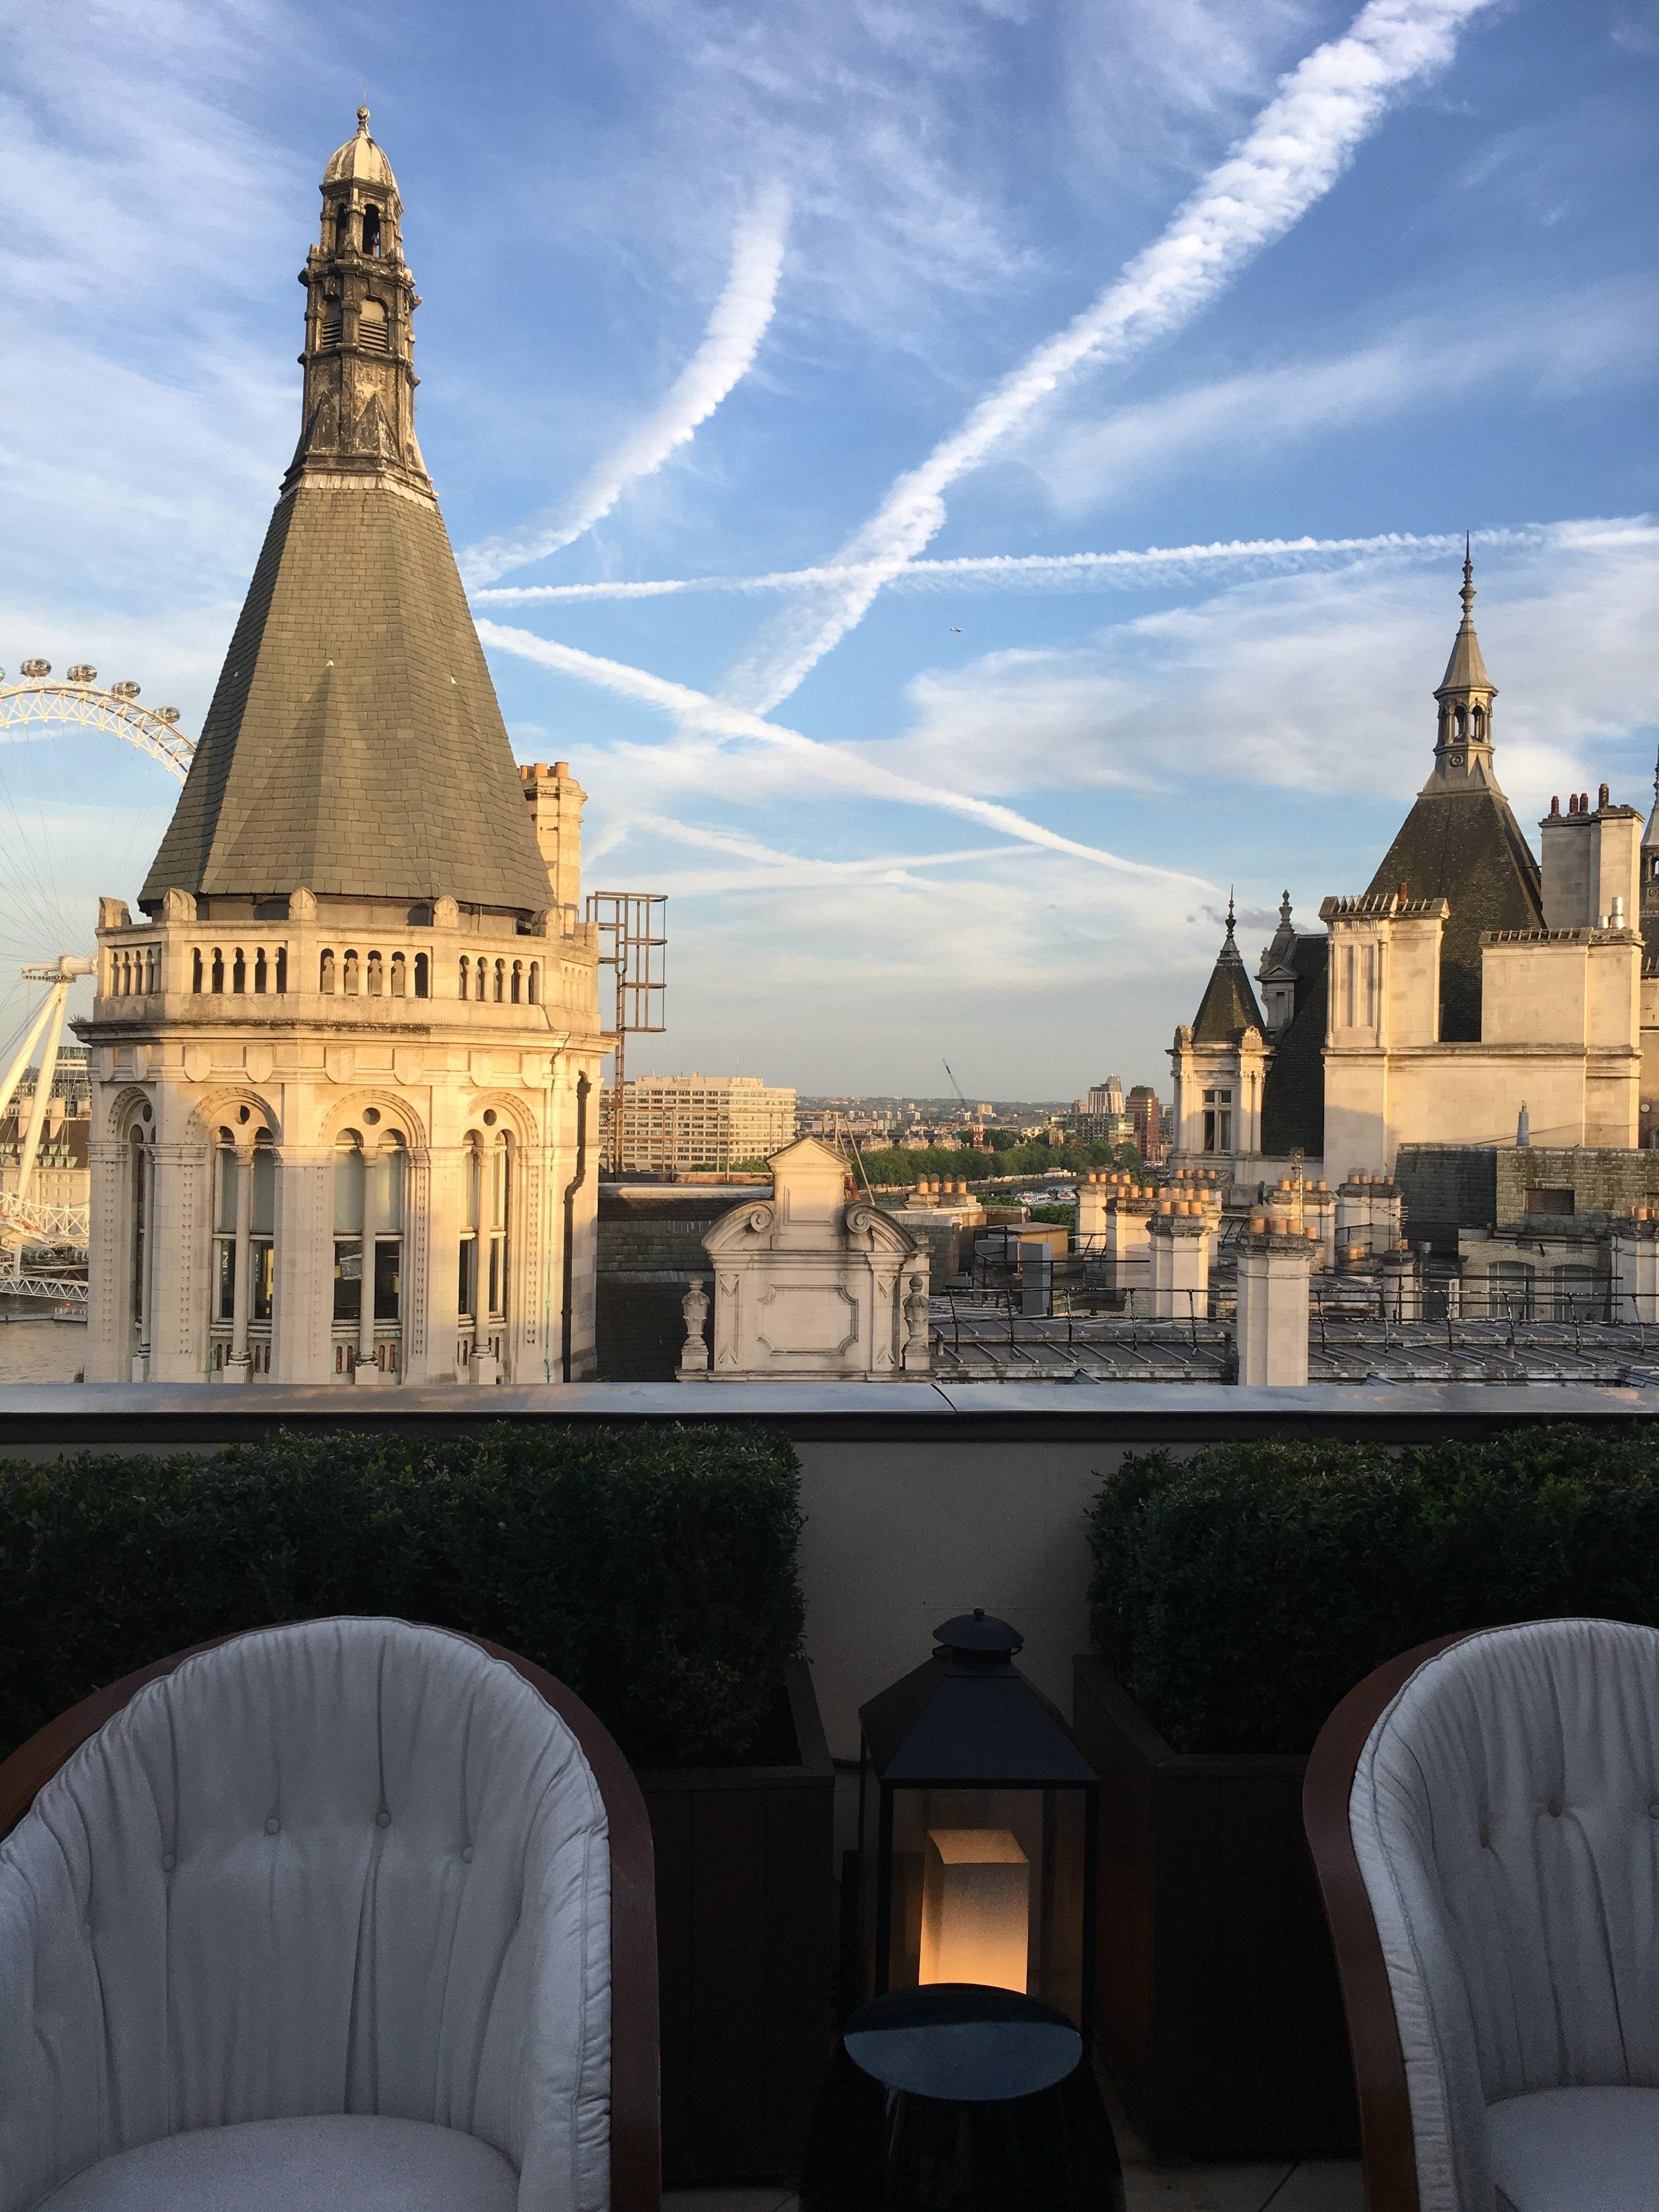 Corinthia Hotel er en av våre favoritter i London. Med flott beliggenhet nær Trafalgar Square og West End, kan du gå til det beste.